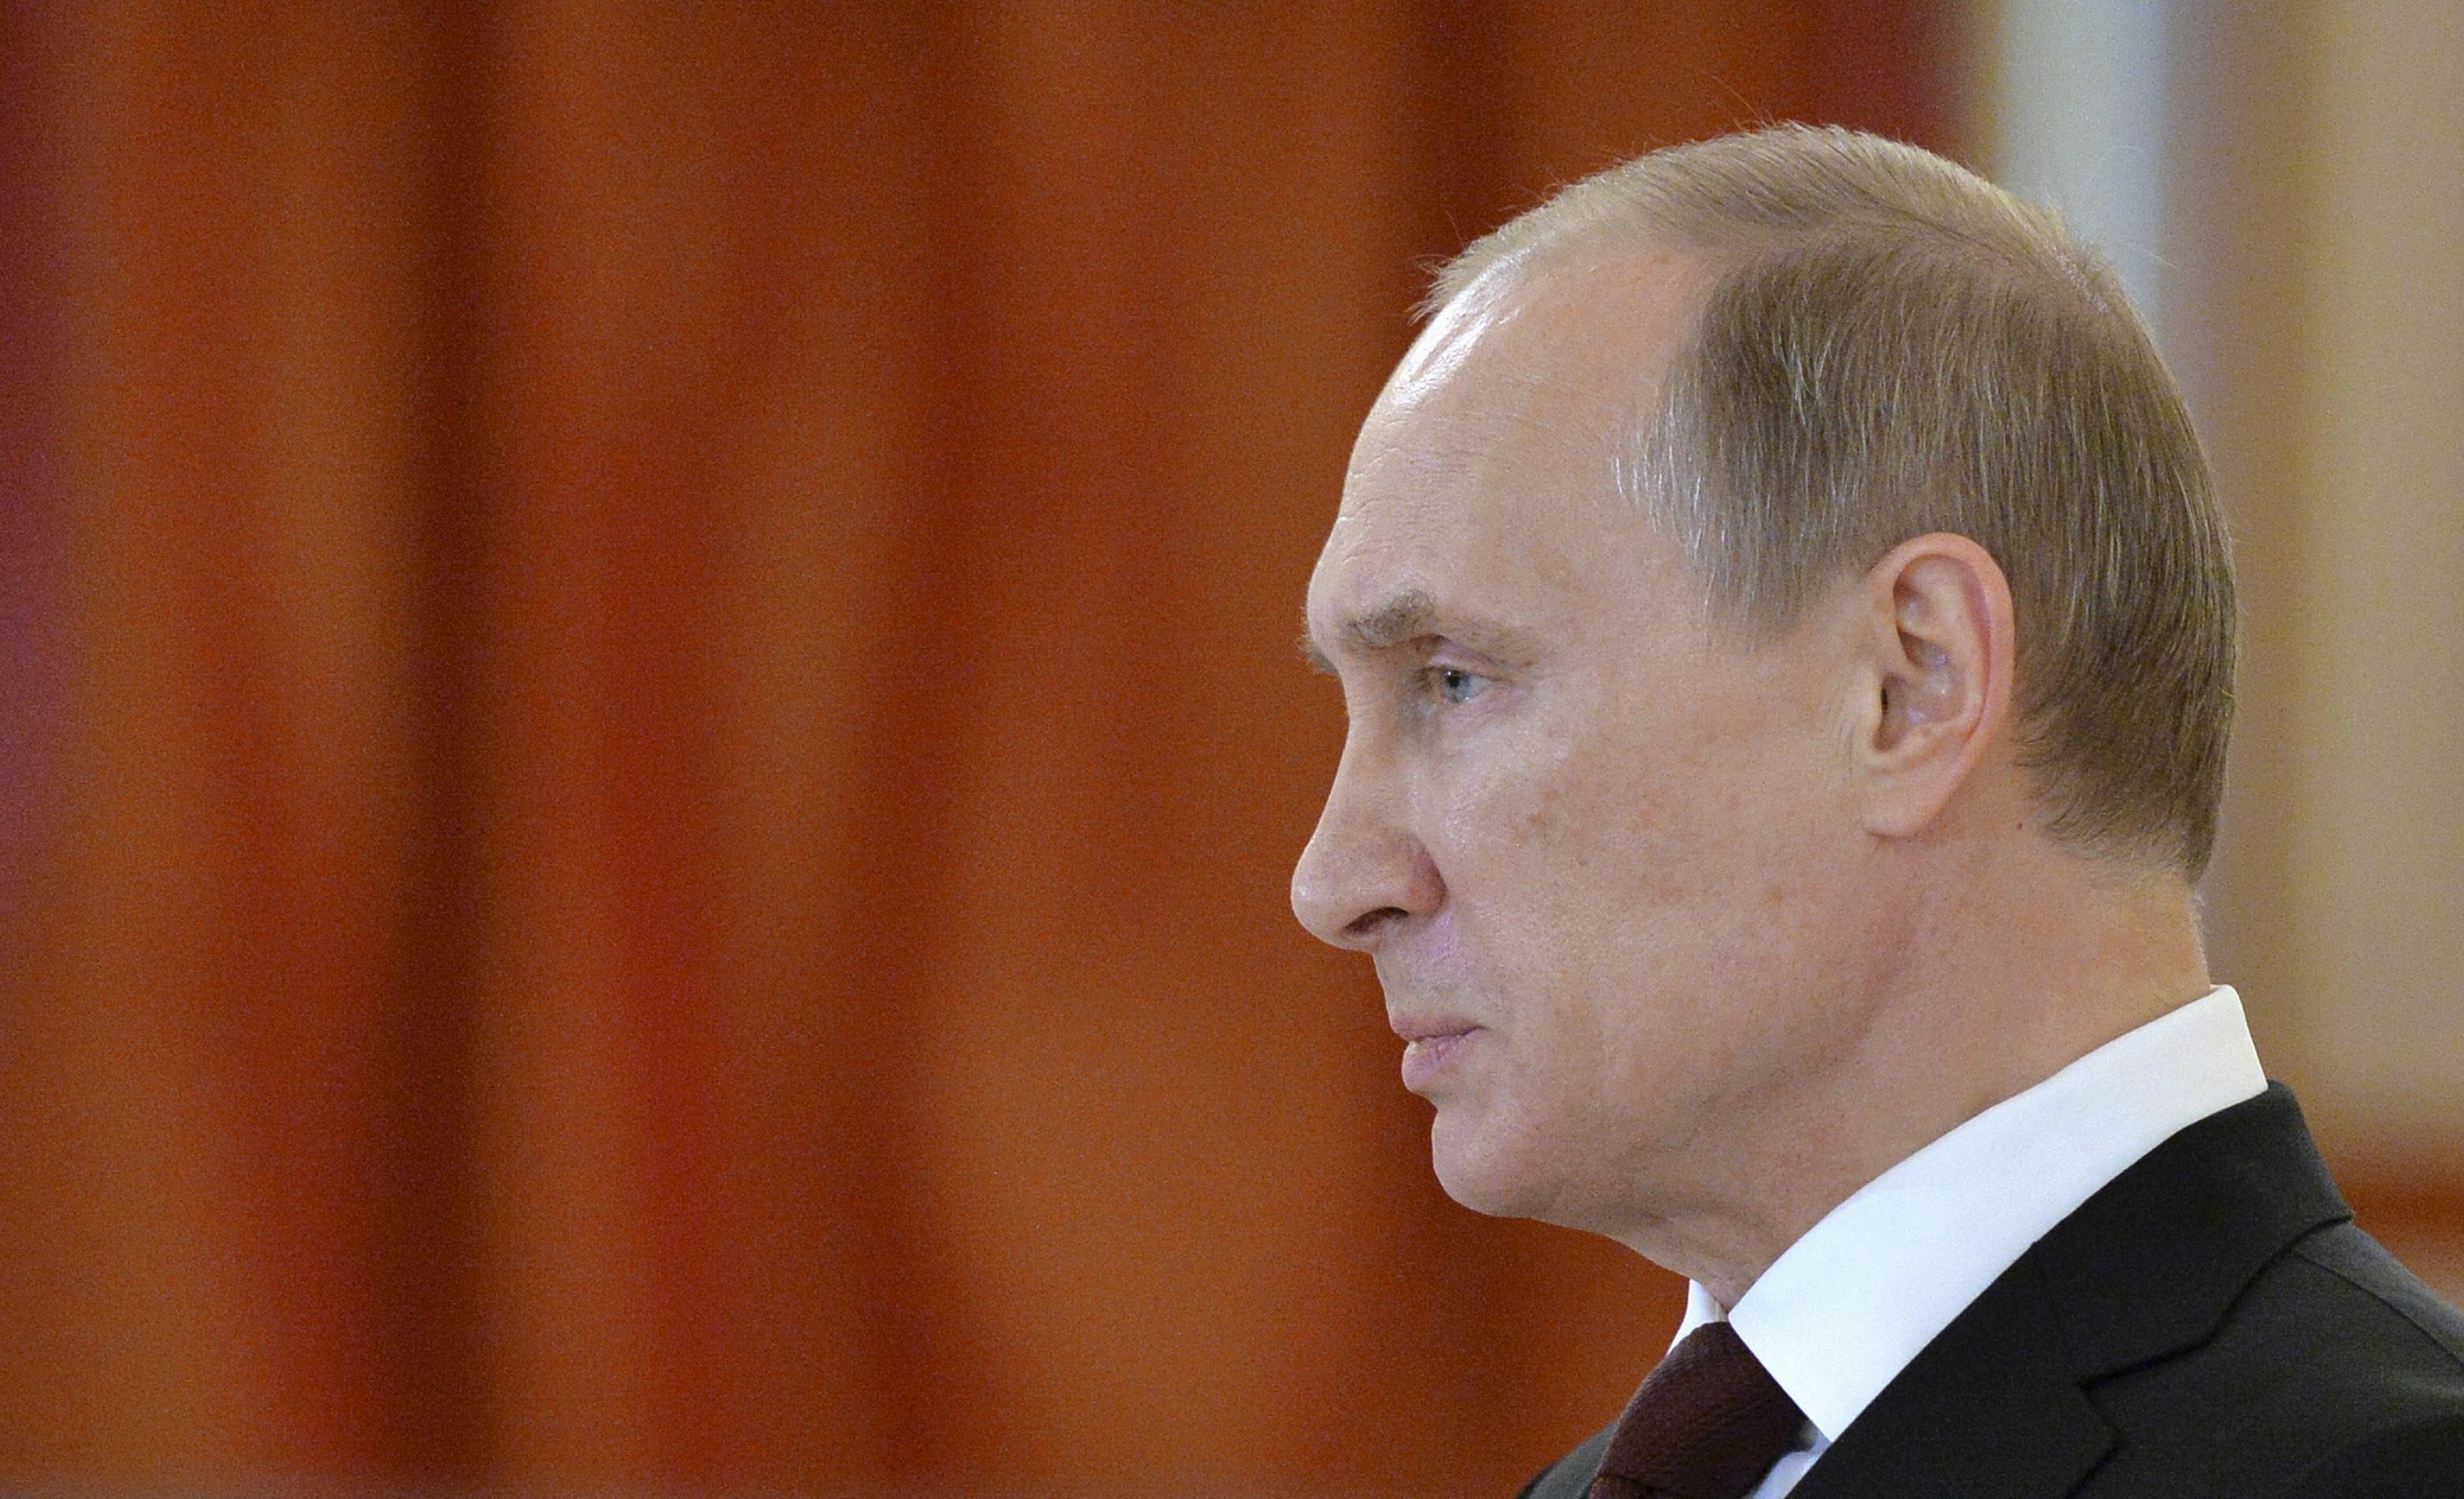 Хомчак, Генштаю, военный, Россия, агрессия, армия, нападение, Донбасс, ДНР, ЛНР, Крым